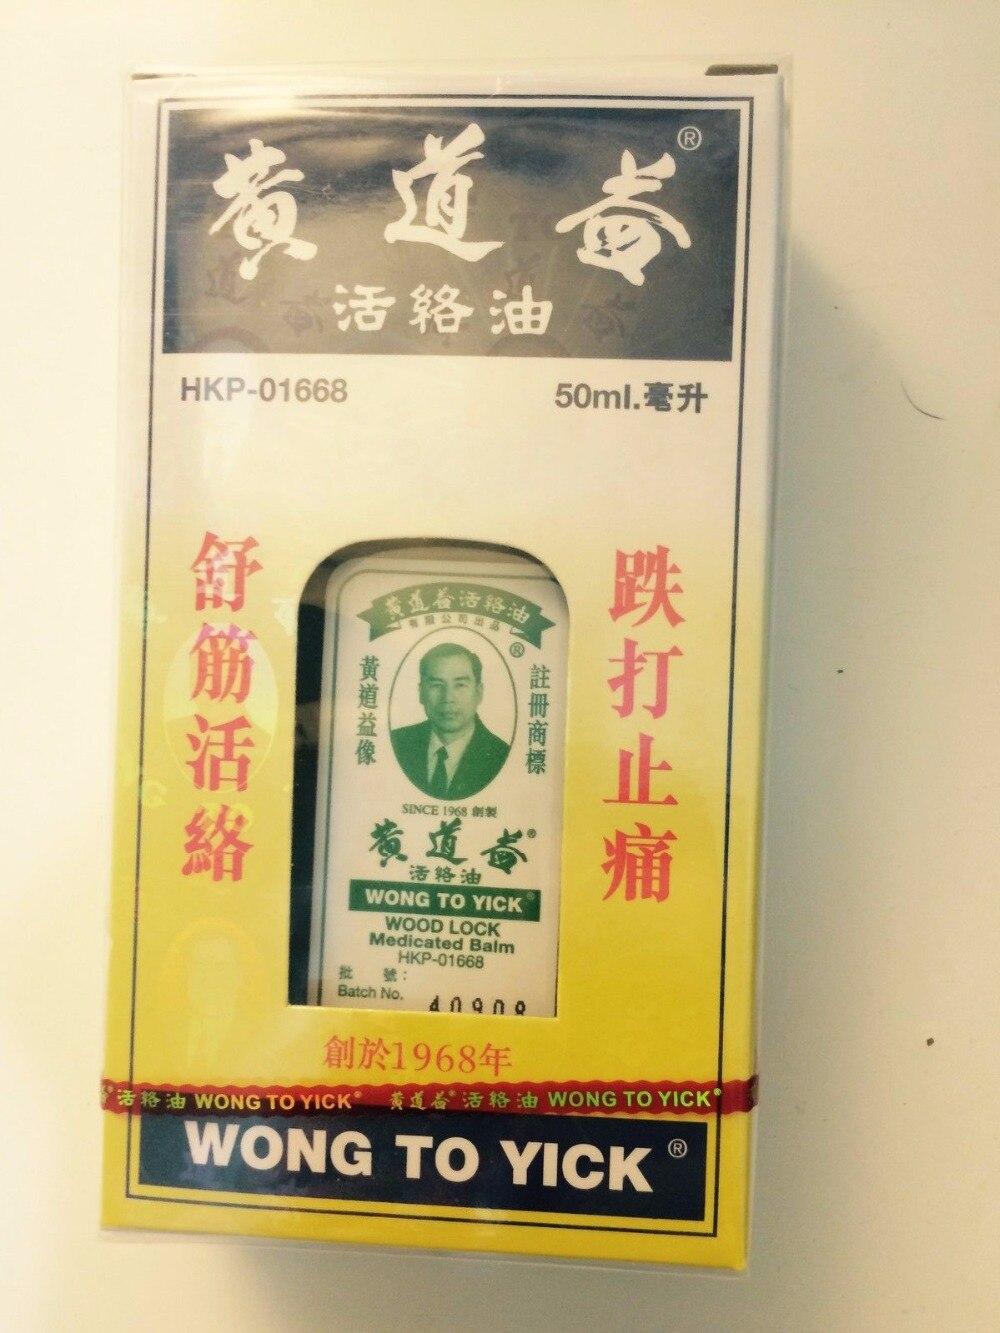 Wong Pour Yick Bois Verrouillage Medicated Oil Baume Soulagement de La Douleur Maux Médicaux Woodlock